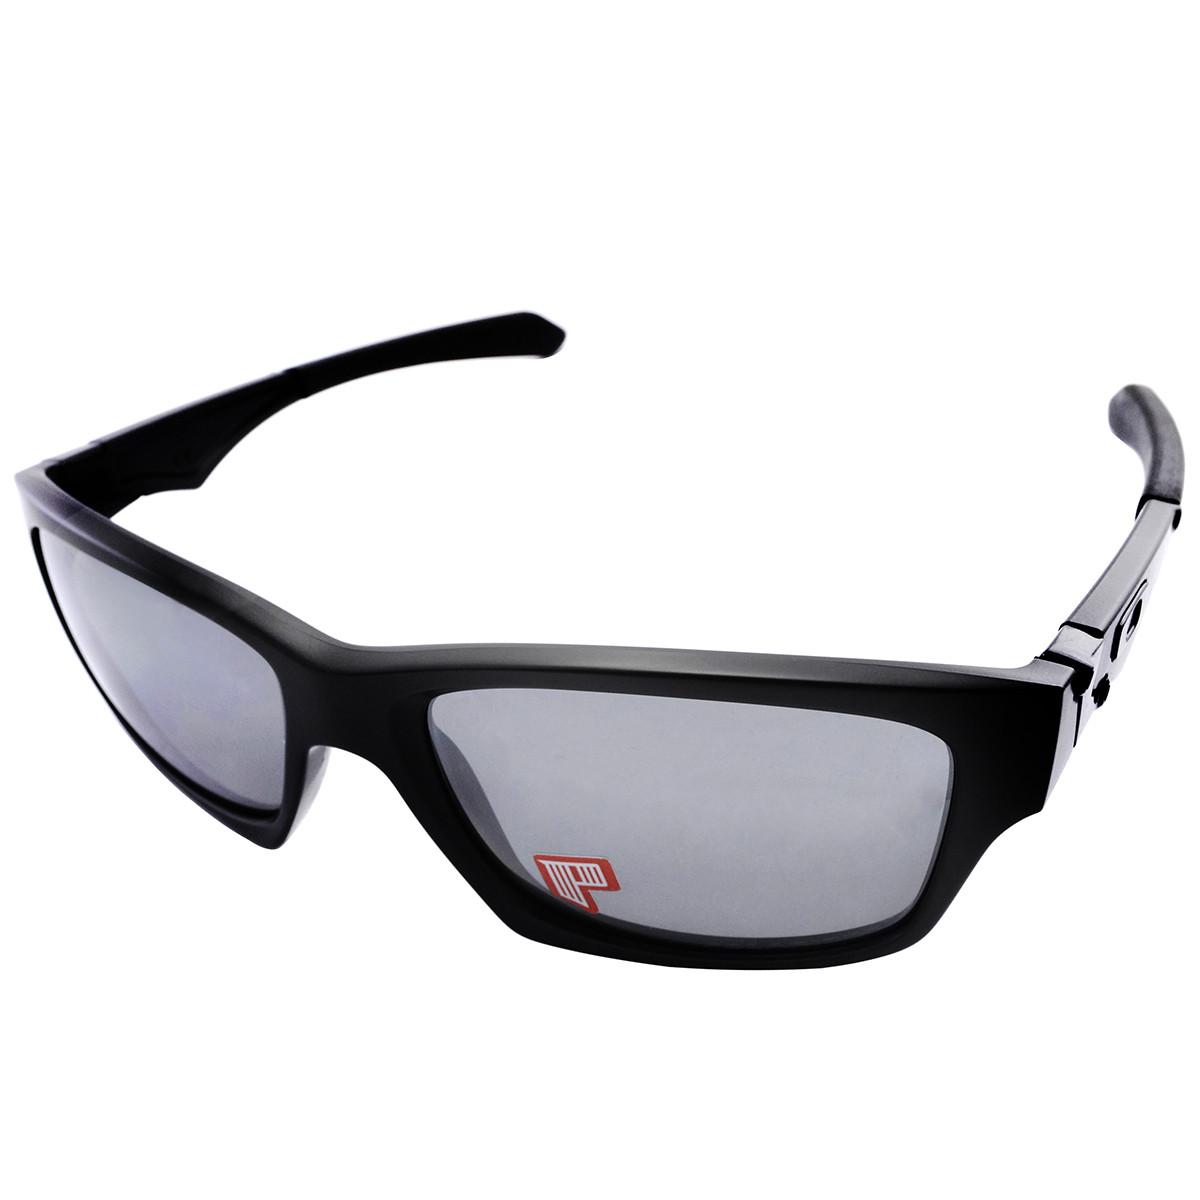 Oculos Oakley Jupiter Matte Black  Black Iridium Polarizado ref ... 3bcf292f1d